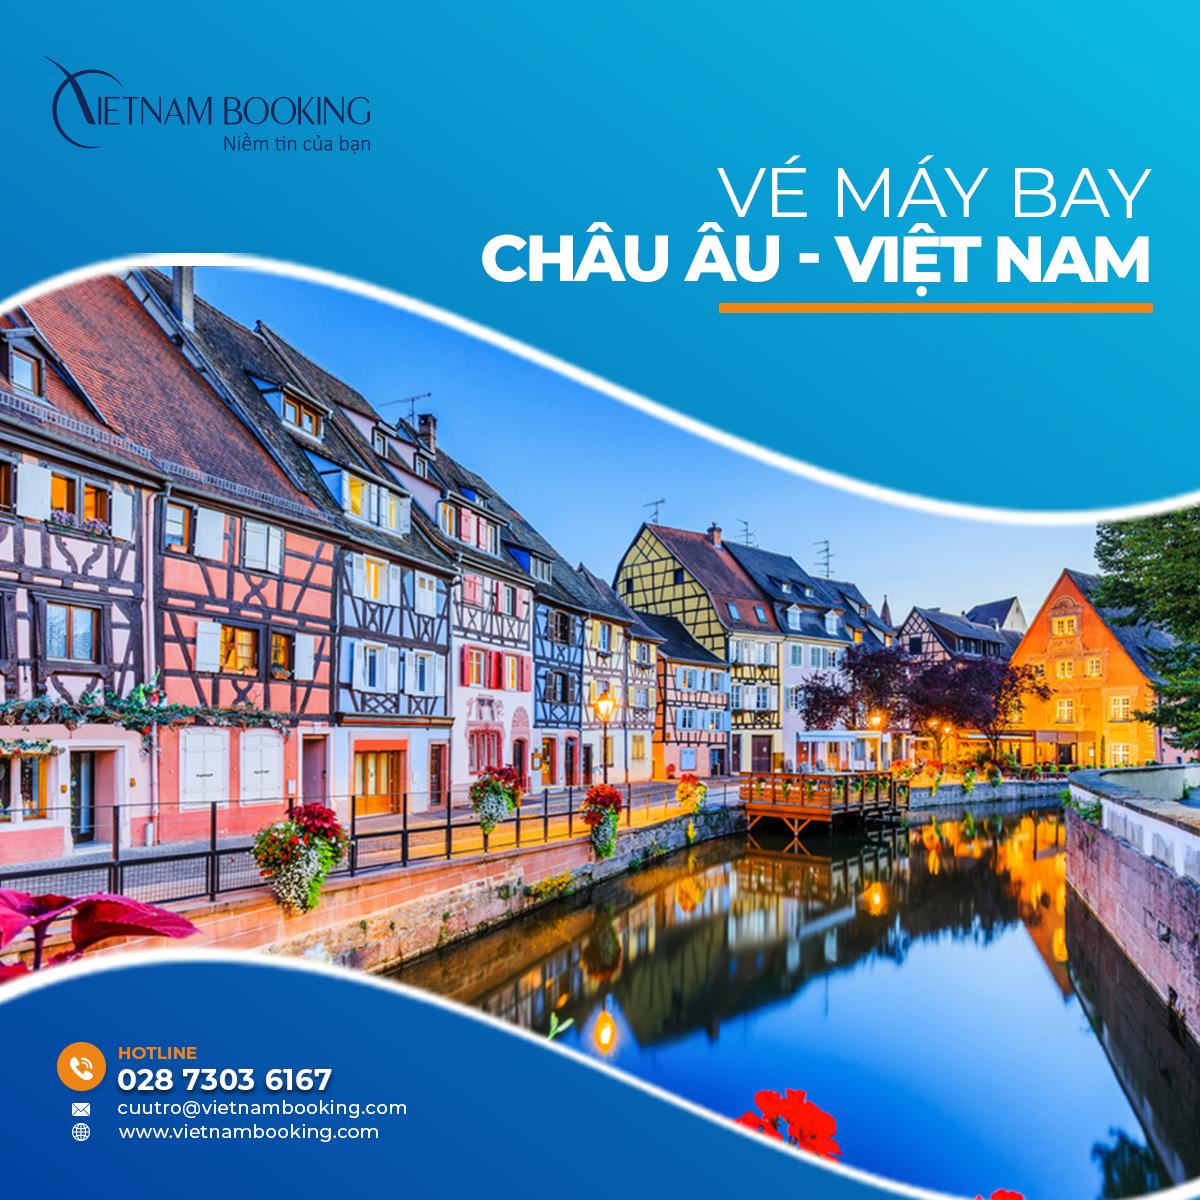 Cập nhật các chuyến bay từ Châu Âu về Việt Nam – Lịch bay hàng tháng